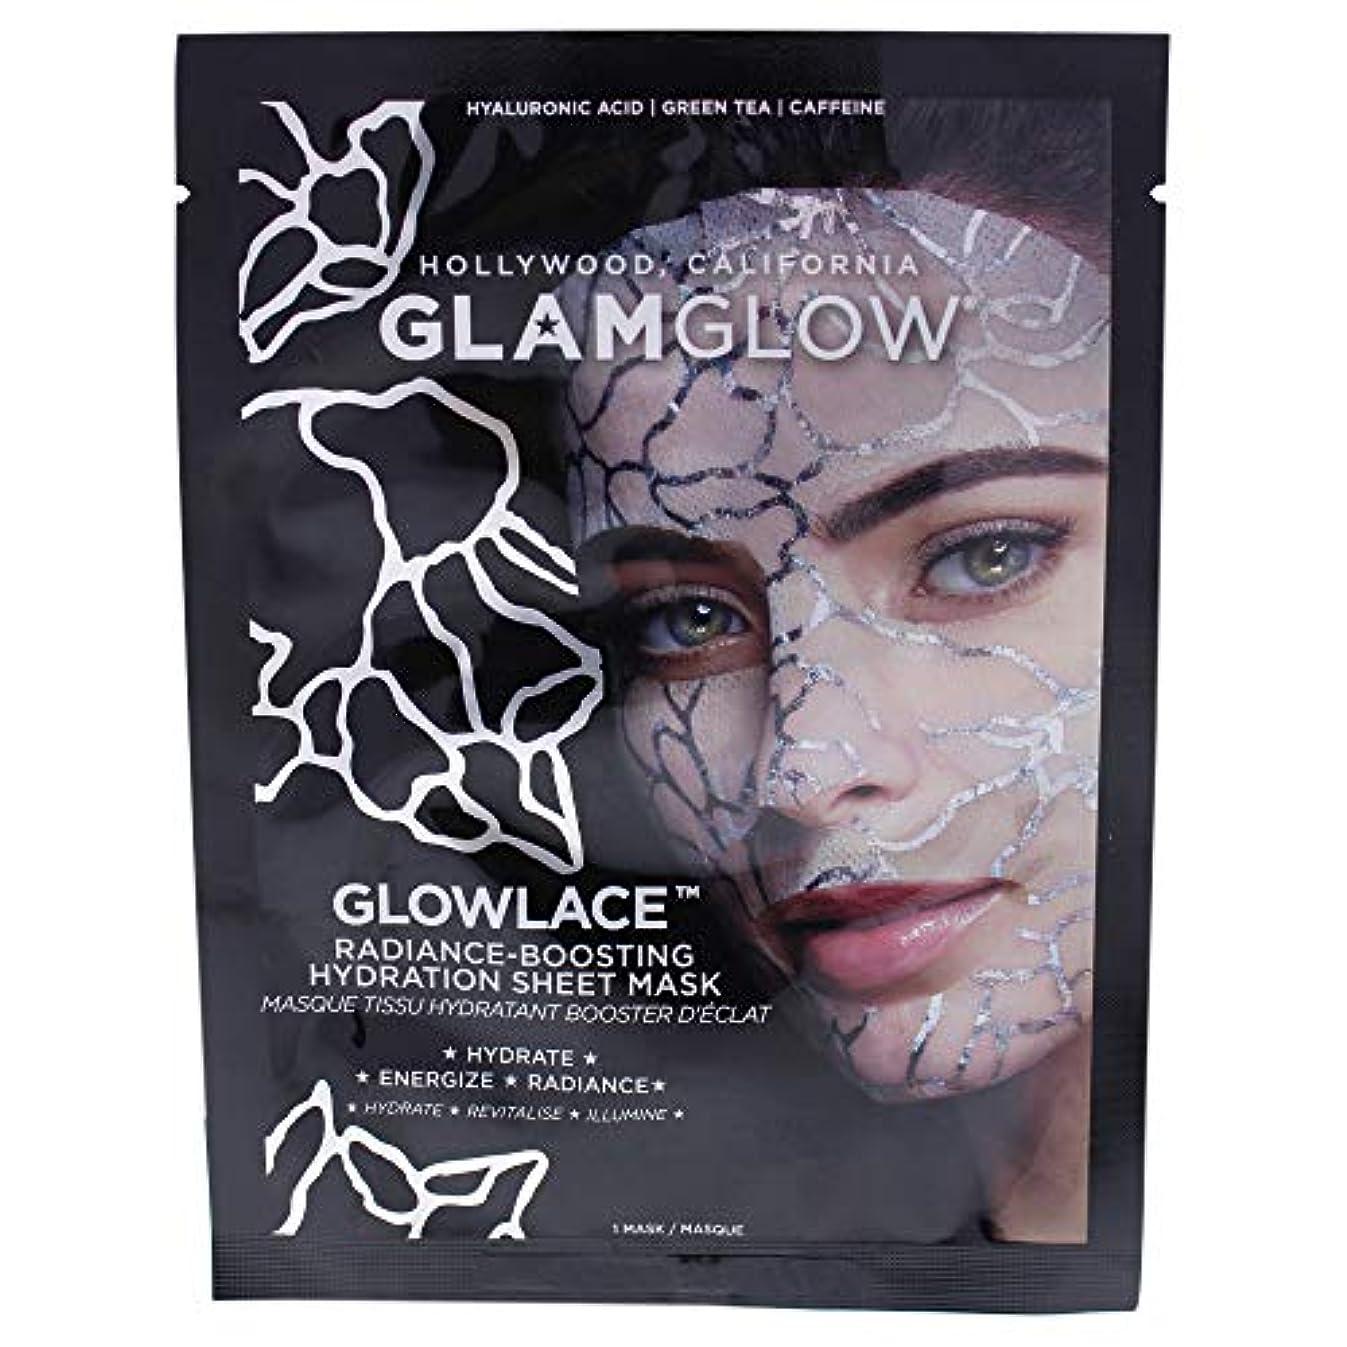 アナリストコスチュームケイ素Glowlace Radiance-Boosting Hydration Sheet Mask